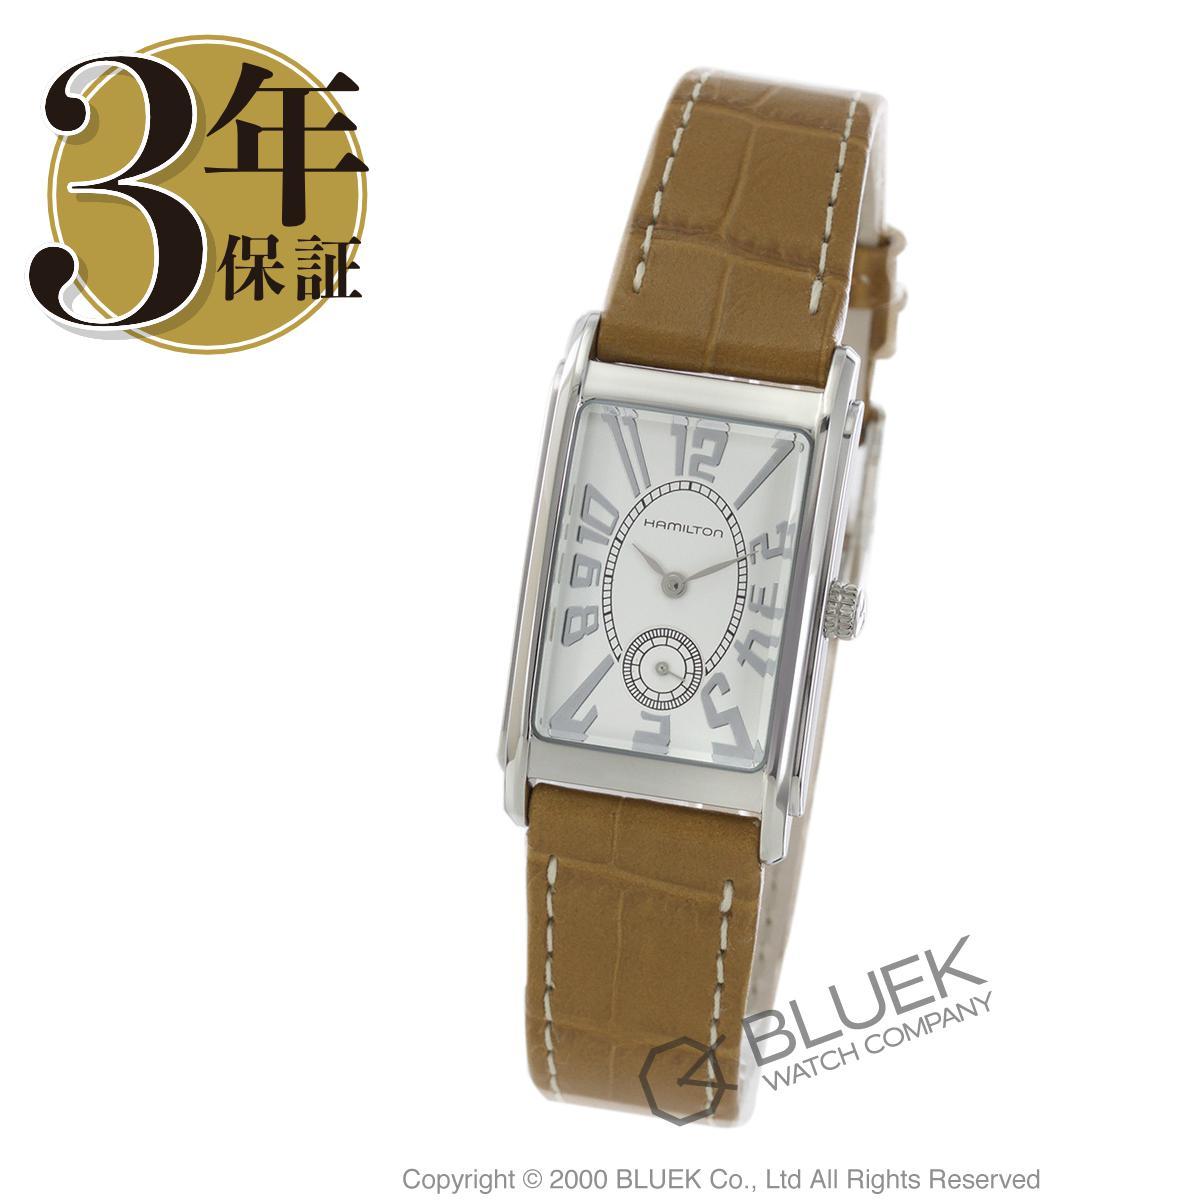 ハミルトン アードモア 腕時計 レディース HAMILTON H11411553_8 バーゲン ギフト プレゼント